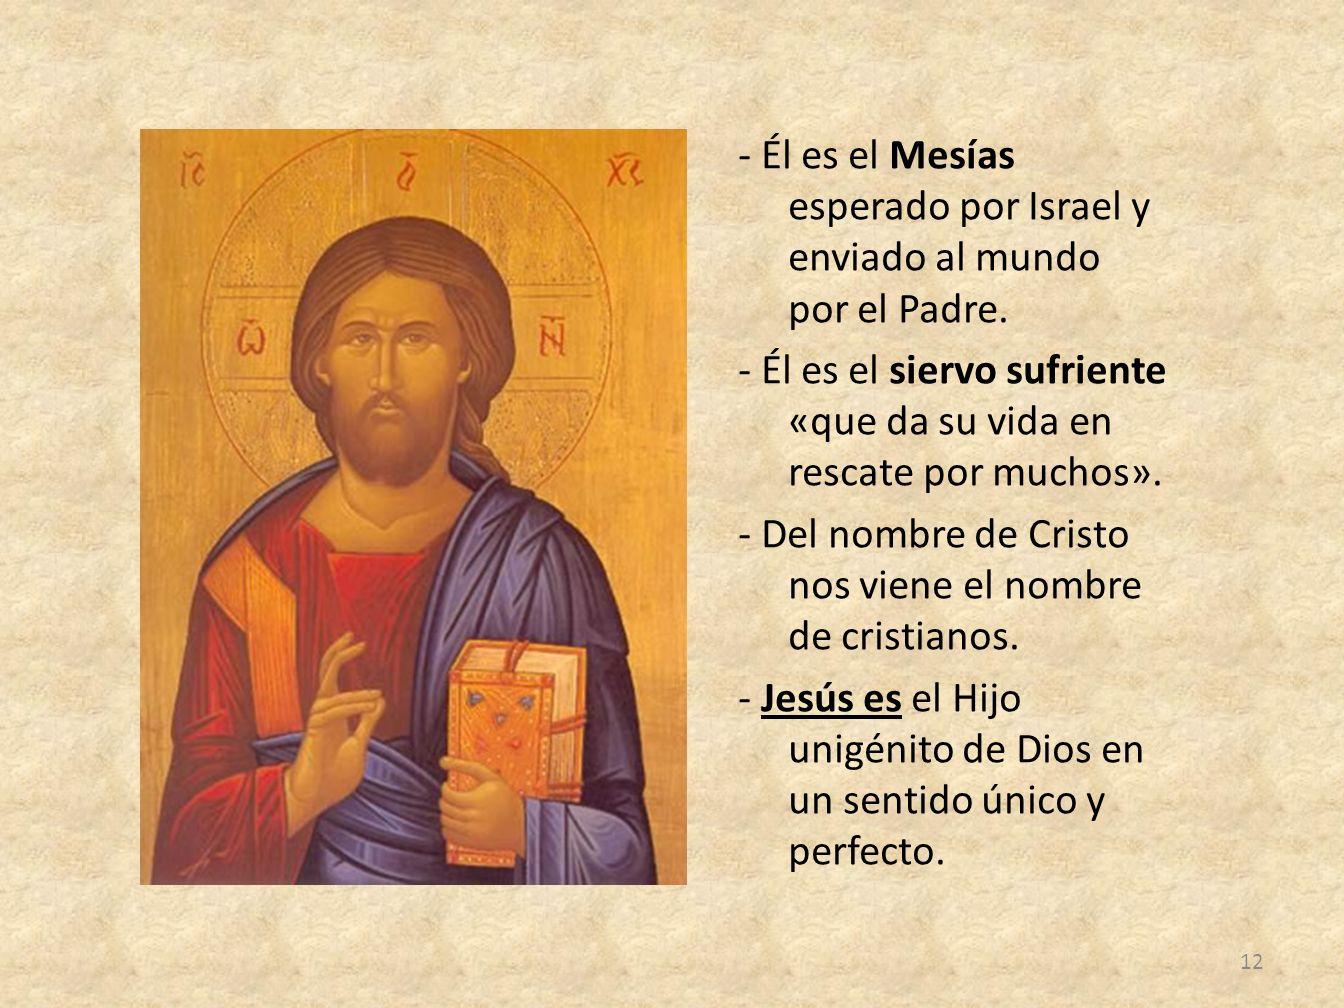 - Él es el Mesías esperado por Israel y enviado al mundo por el Padre. - Él es el siervo sufriente «que da su vida en rescate por muchos». - Del nombr